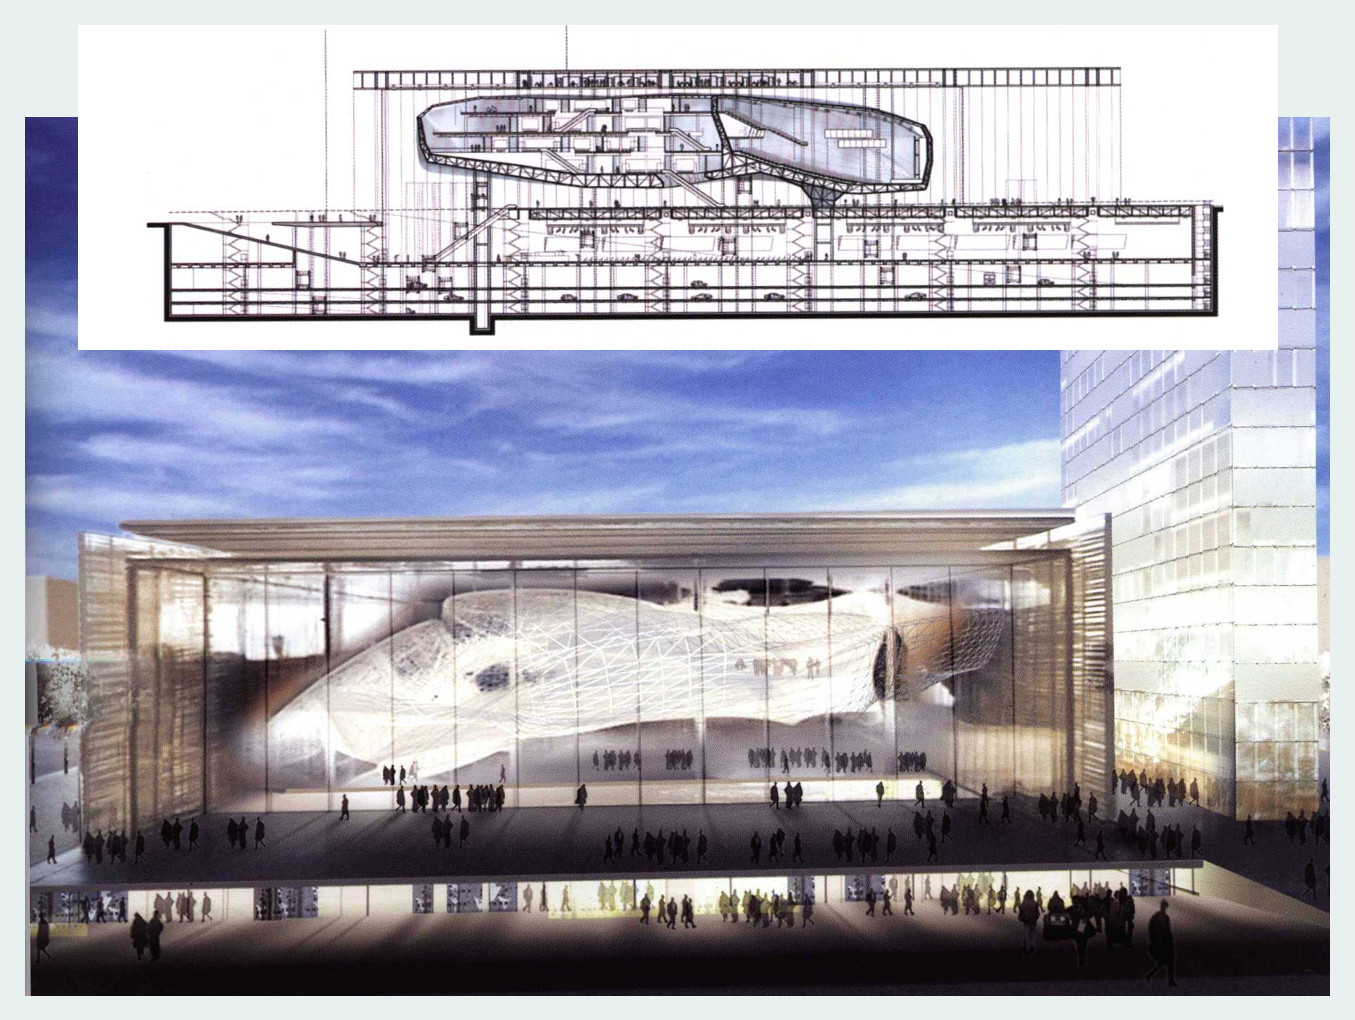 Roma Convention Center - La Nuvola